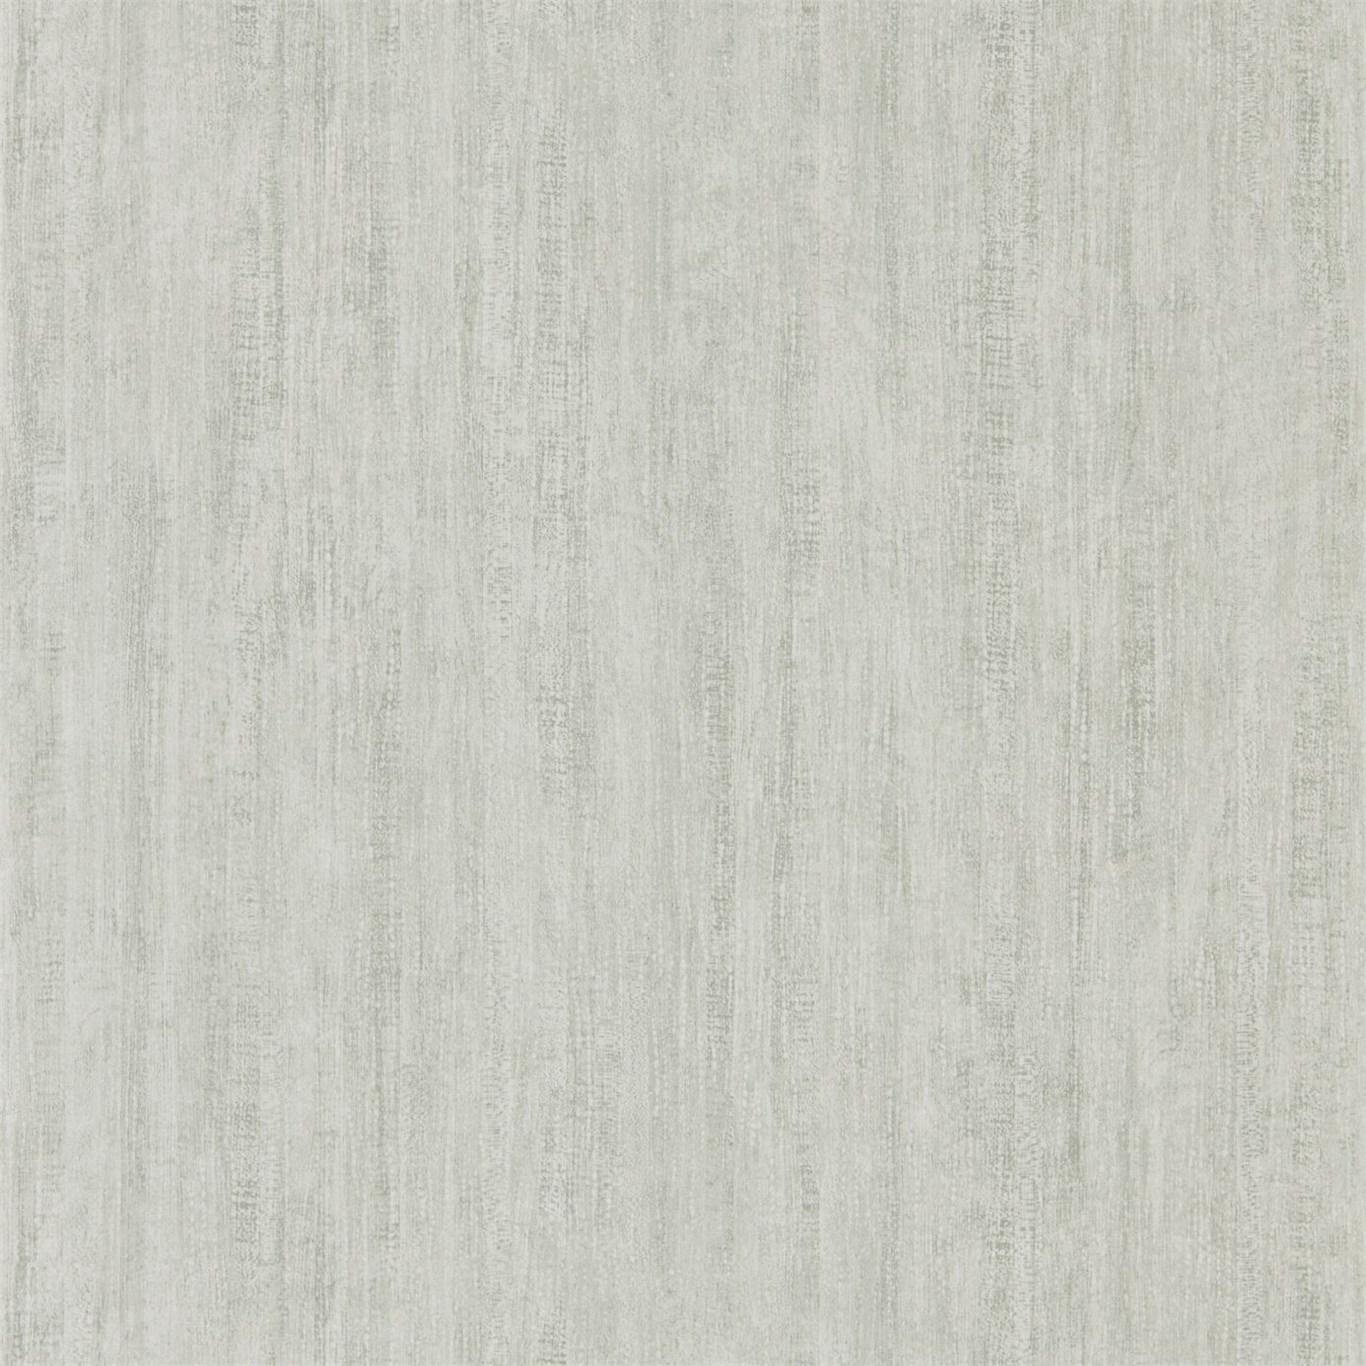 Wildwood 215689